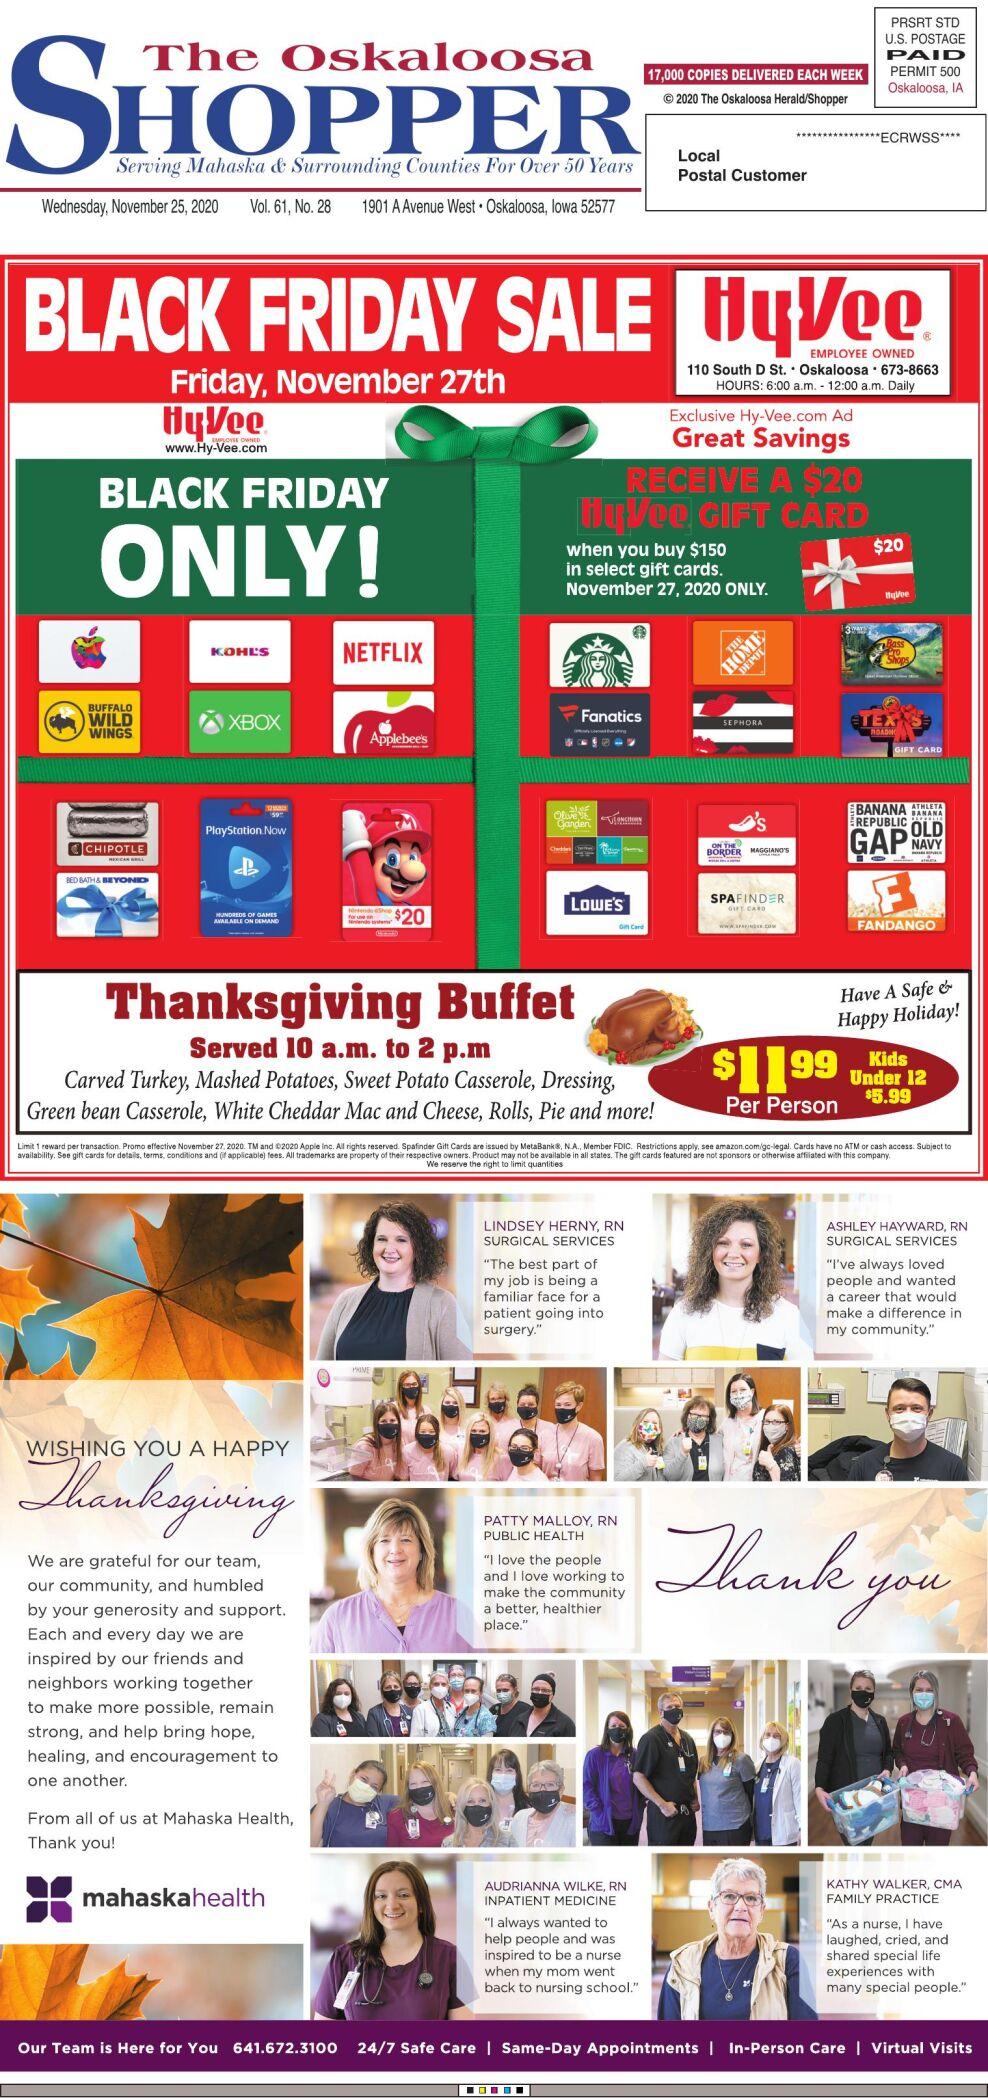 Oskaloosa Shopper week of 11/25/20